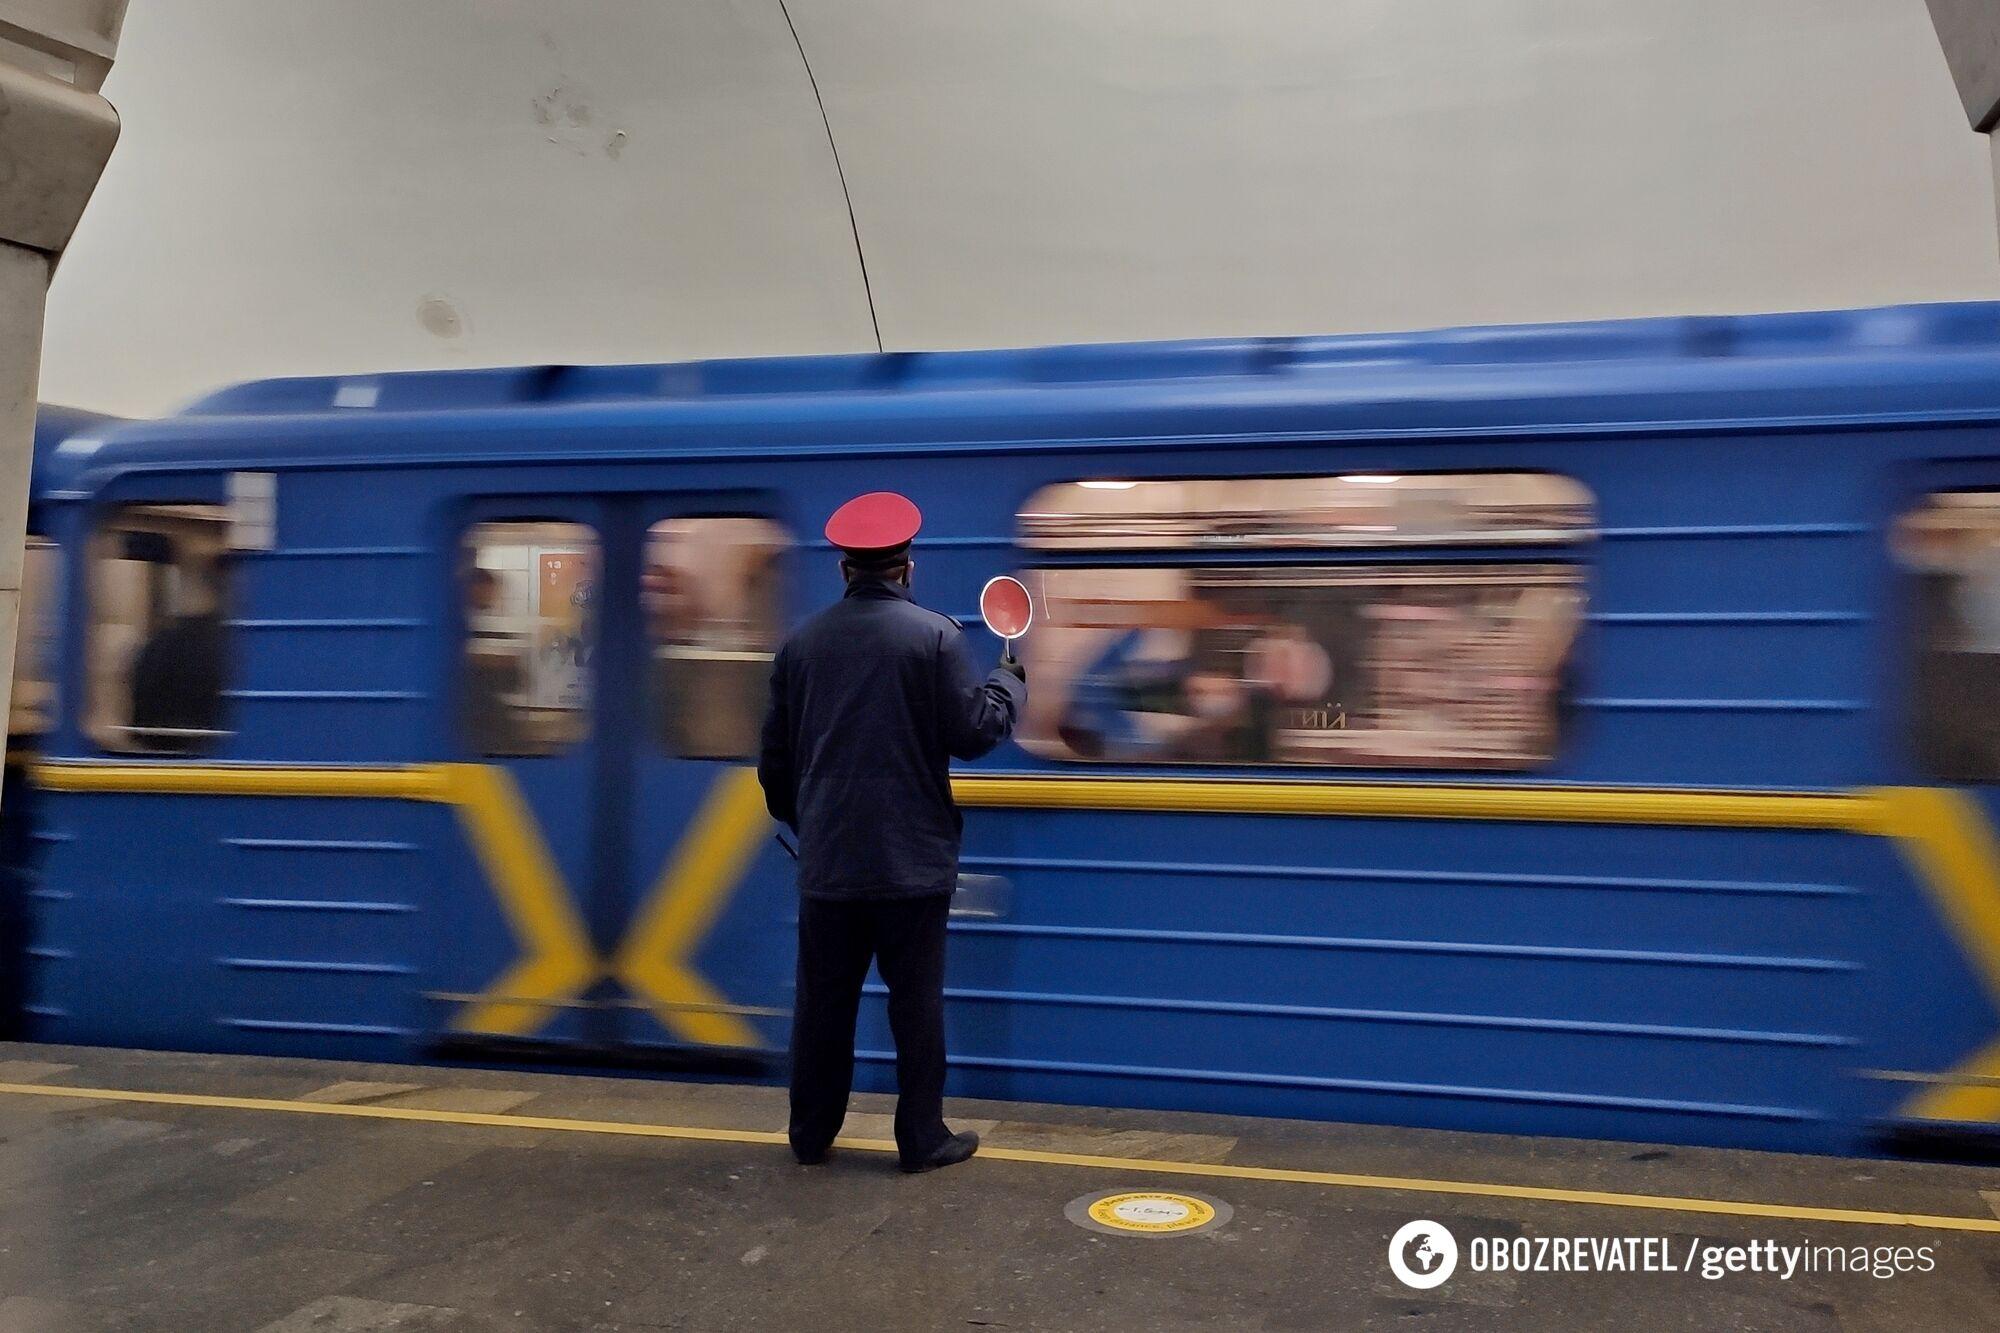 Київський метрополітен може зупинитися будь-якої миті